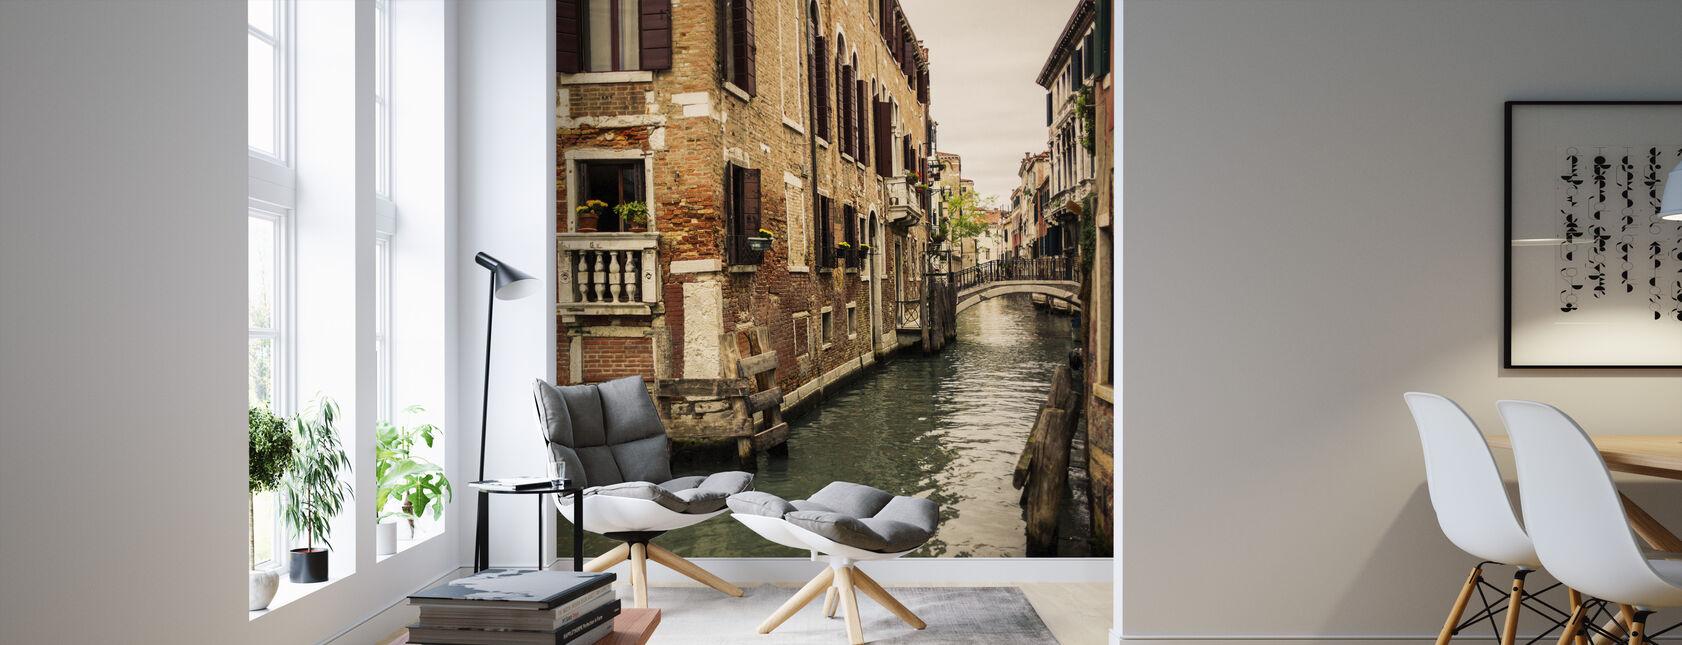 Tiilet ja sillat Venetsiassa - Tapetti - Olohuone